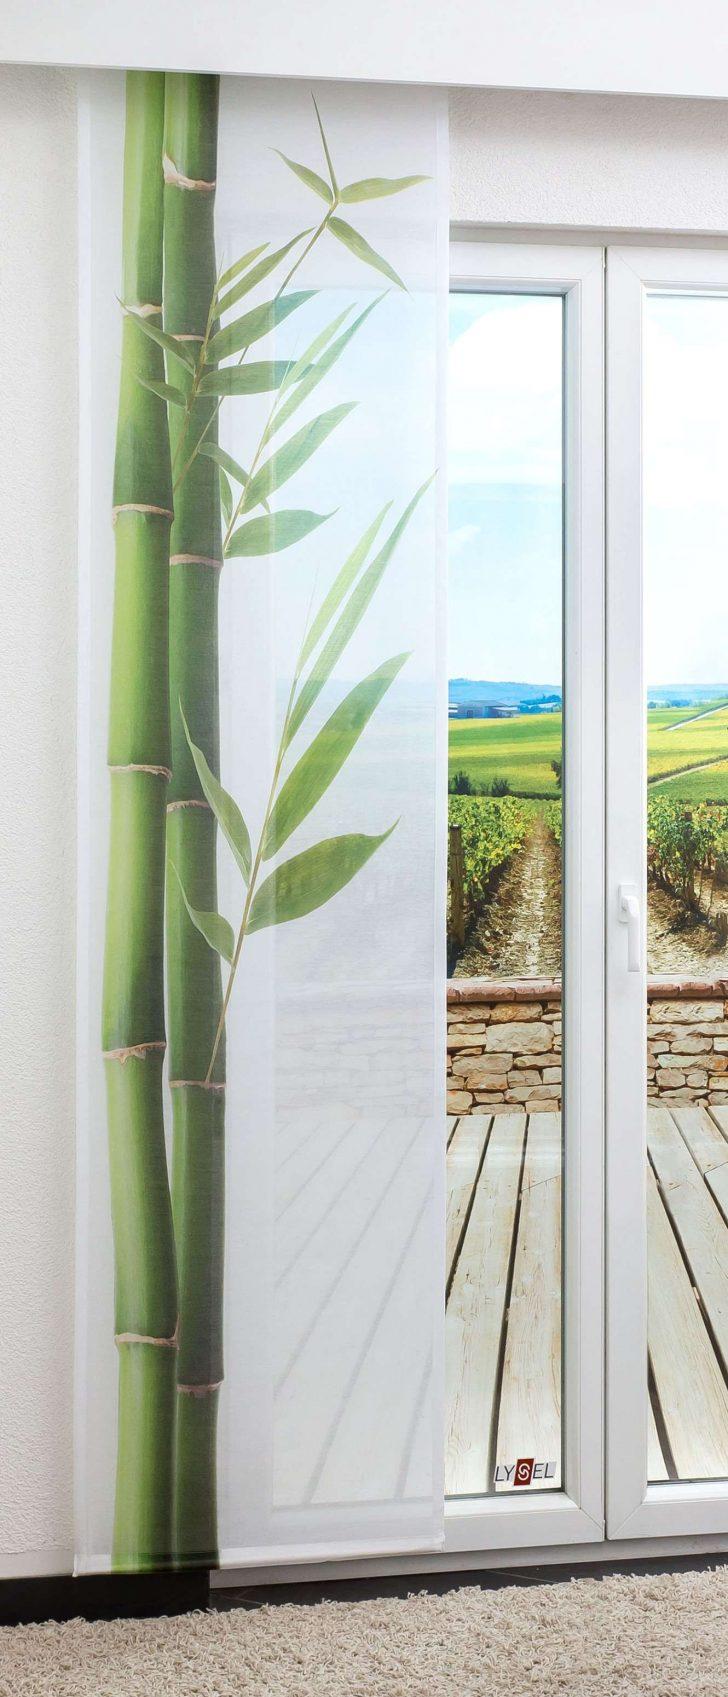 Medium Size of Bambus Sichtschutz Obi Schweiz Kunststoff Balkon Fenster Mobile Küche Sichtschutzfolie Immobilien Bad Homburg Garten Im Bett Nobilia Für Einbauküche Wohnzimmer Bambus Sichtschutz Obi